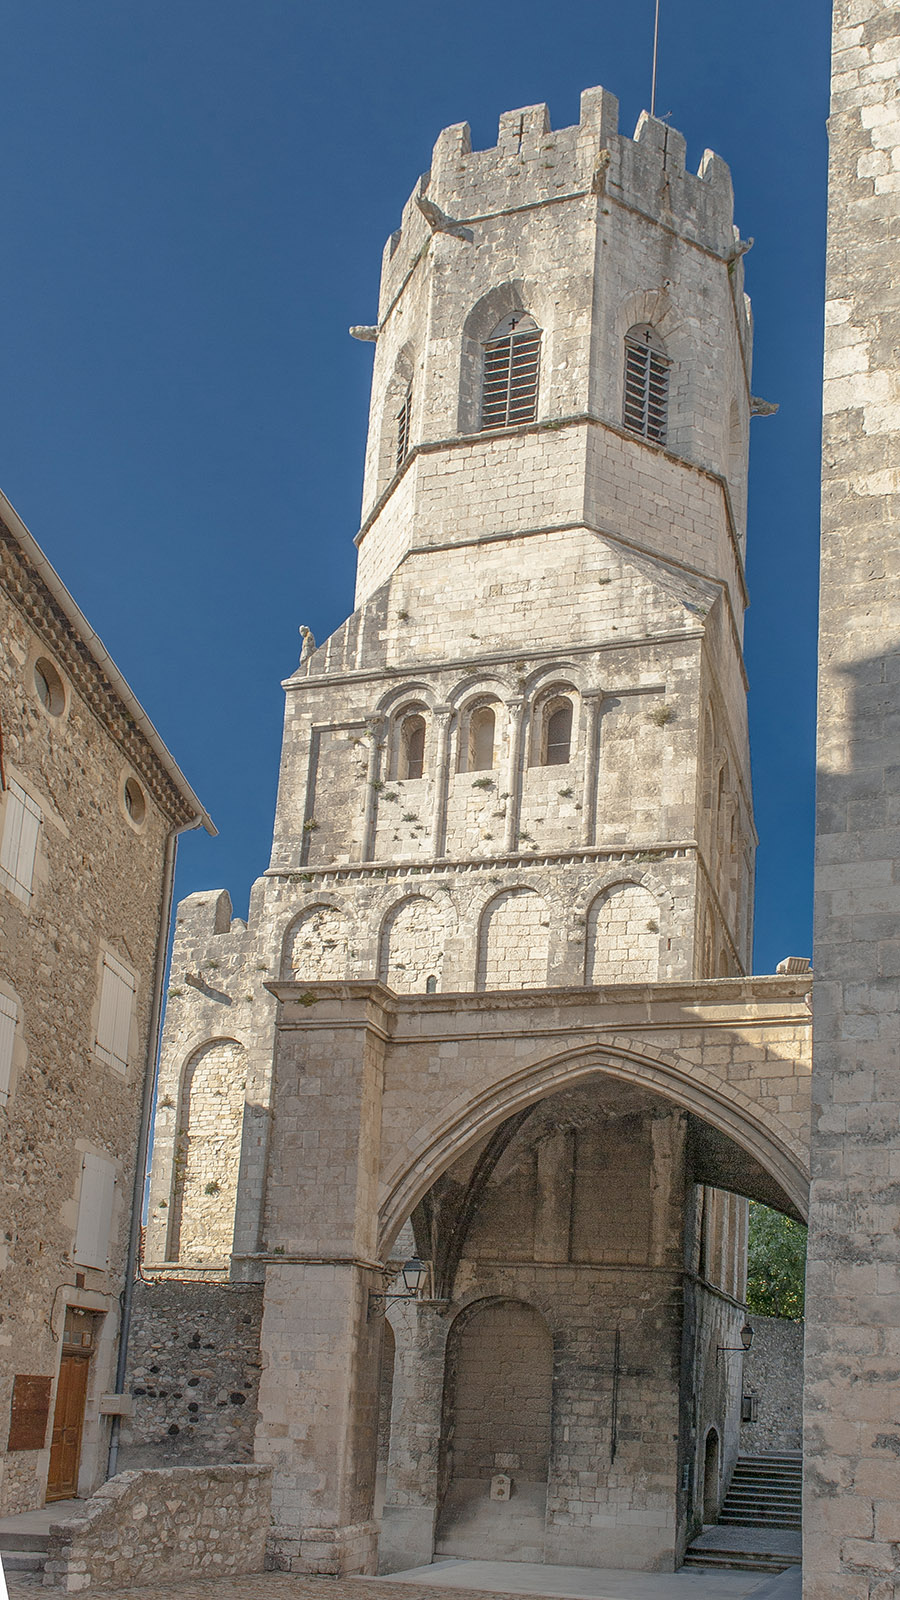 Die Kathedrale von Viviers ist die kleinste des Landes, die noch in Betrieb ist. Foto: Hilke Maunder